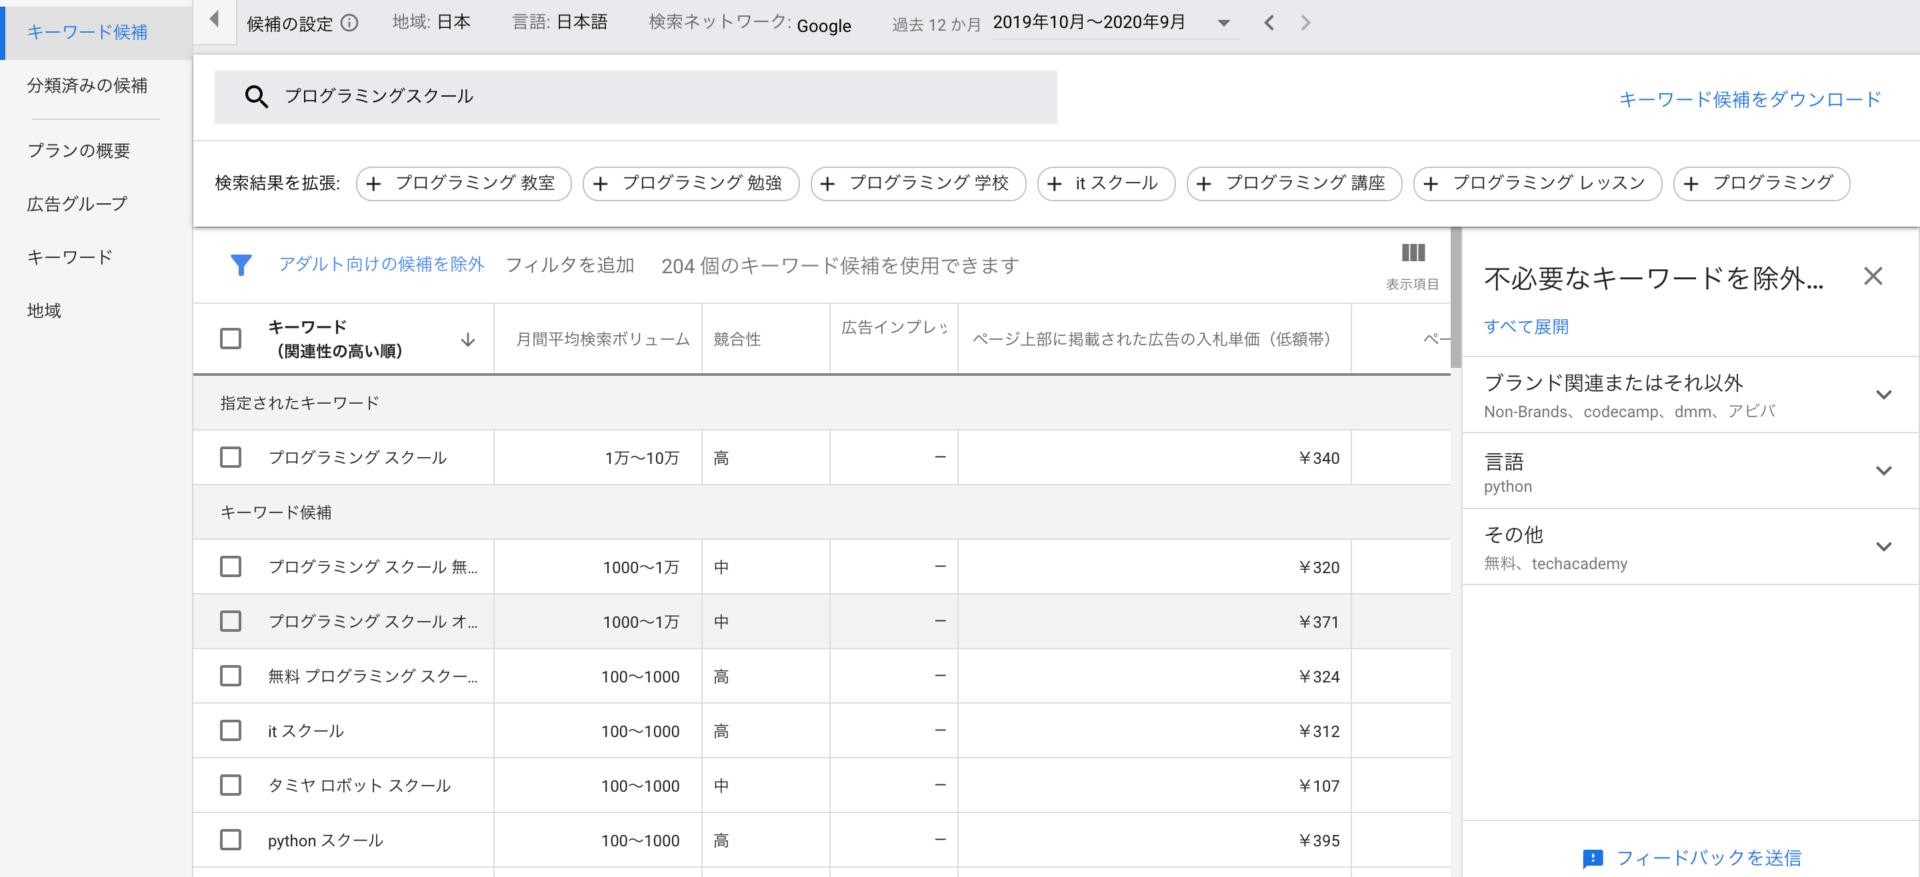 キーワードプランナー webライティング  記事構成